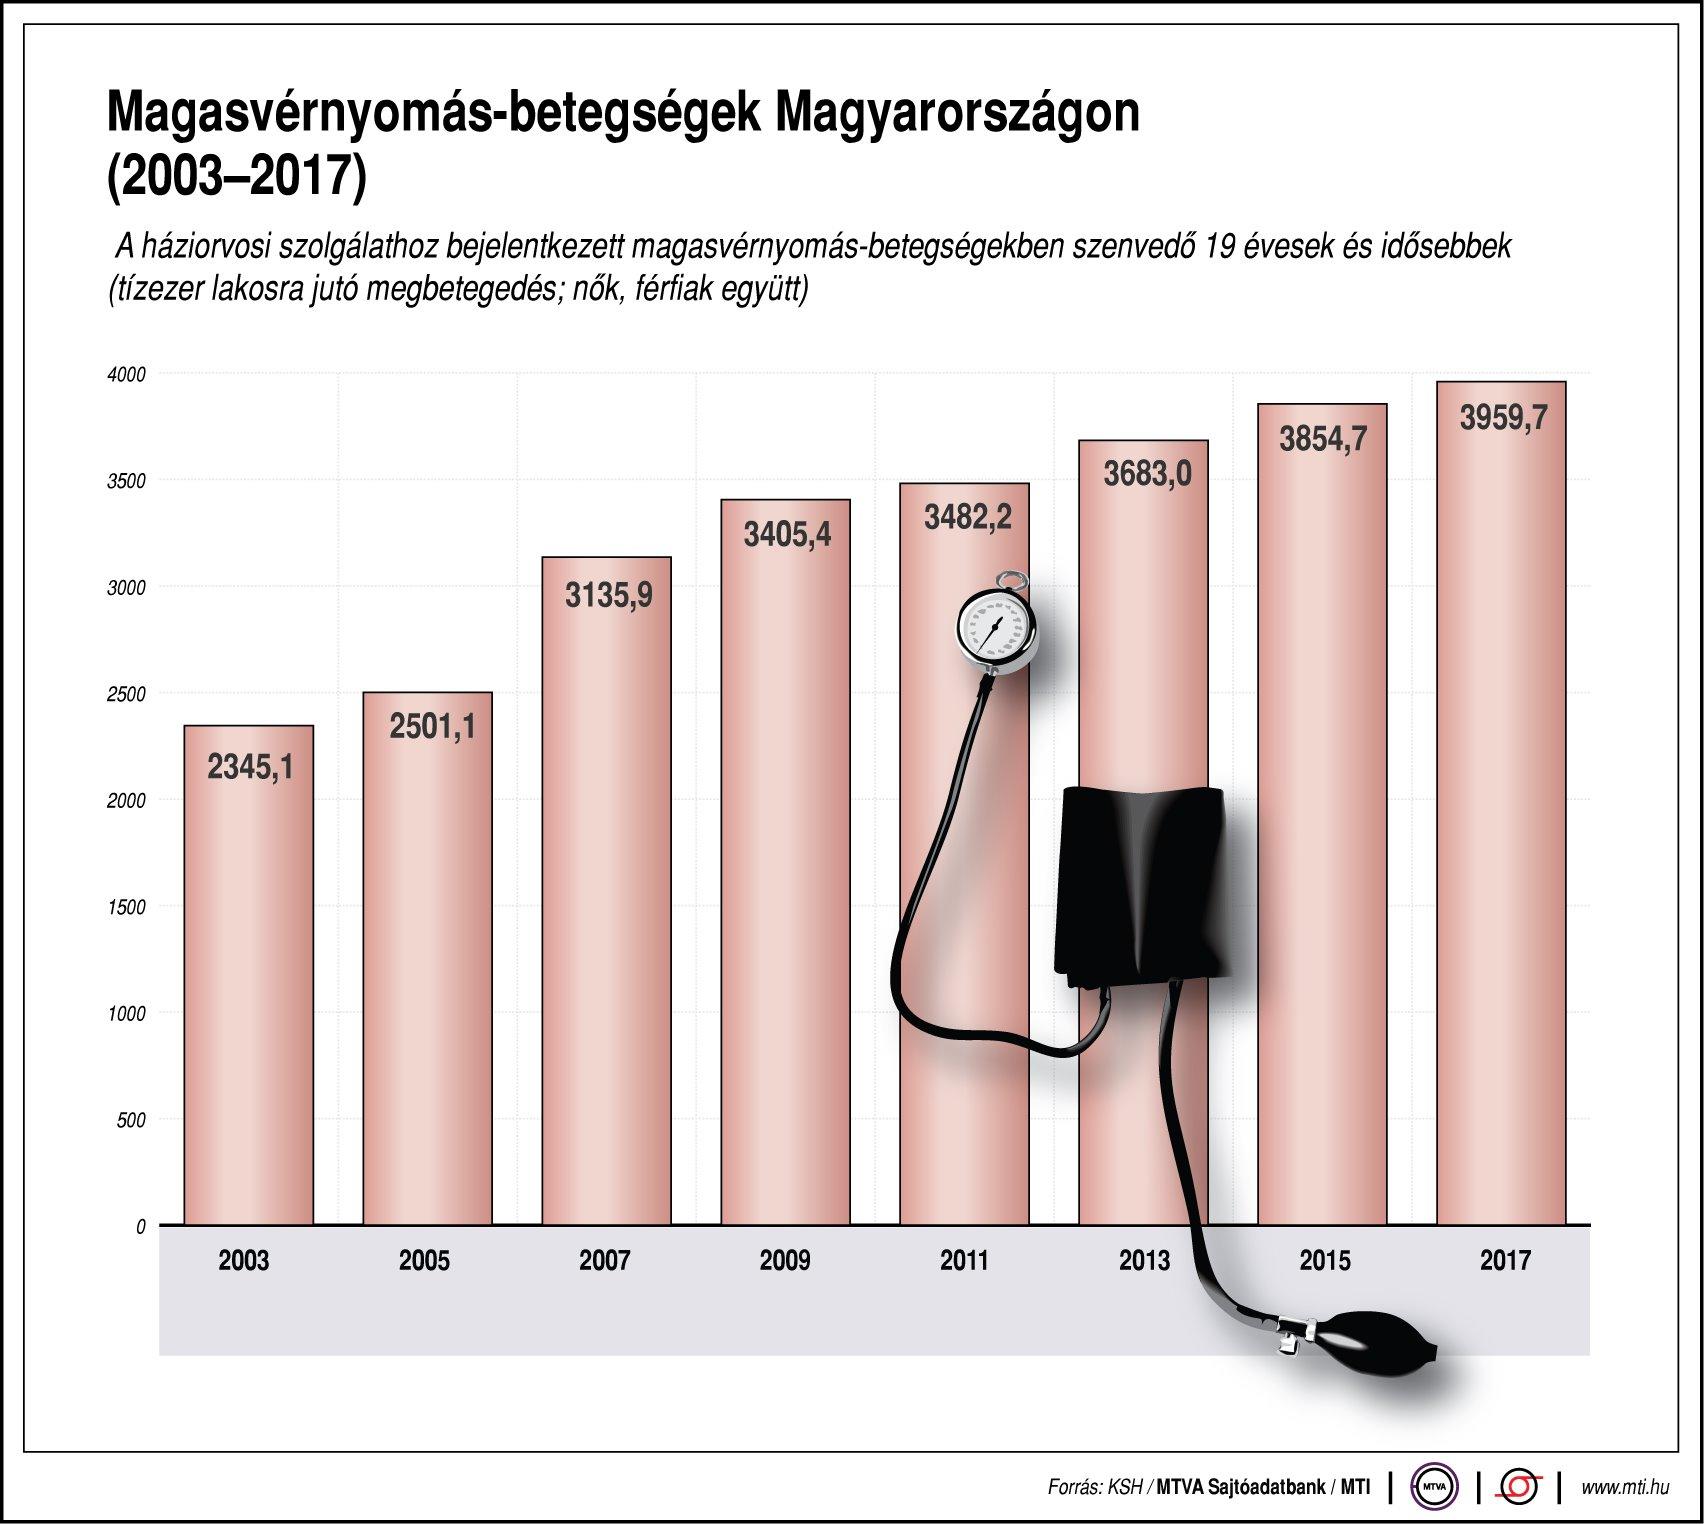 hogyan lehet elindítani a magas vérnyomást)